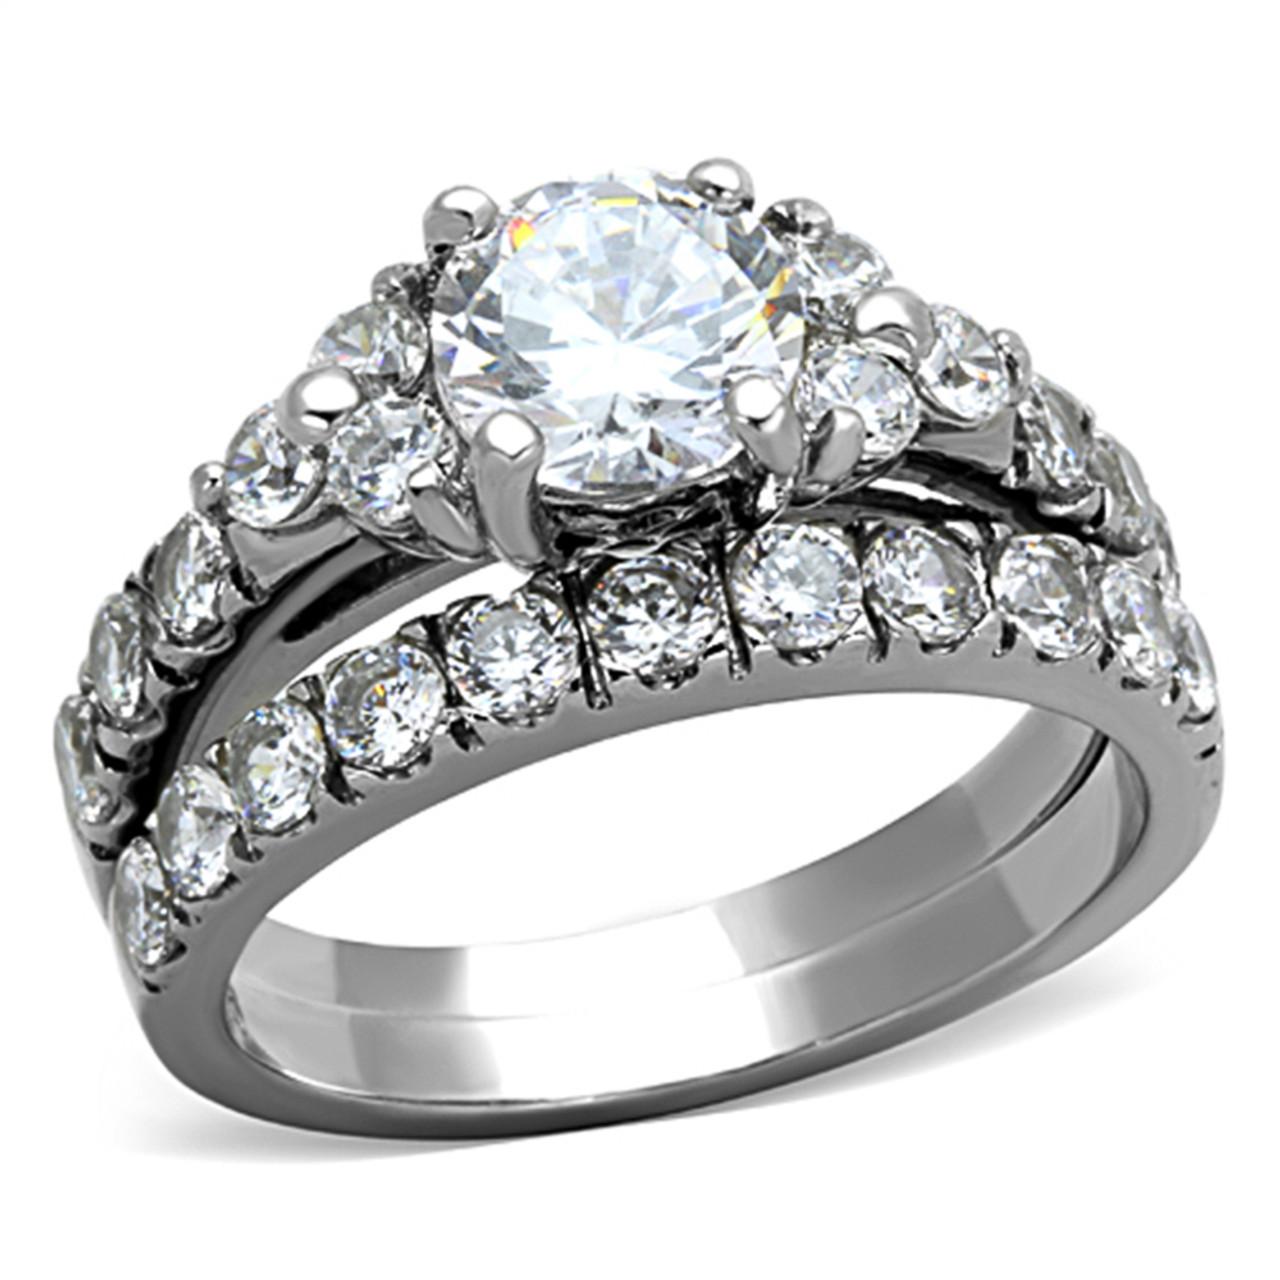 Stunning Round Cut CZ Stainless Steel 2 Piece Wedding Ring Set Women/'s Size 5-10